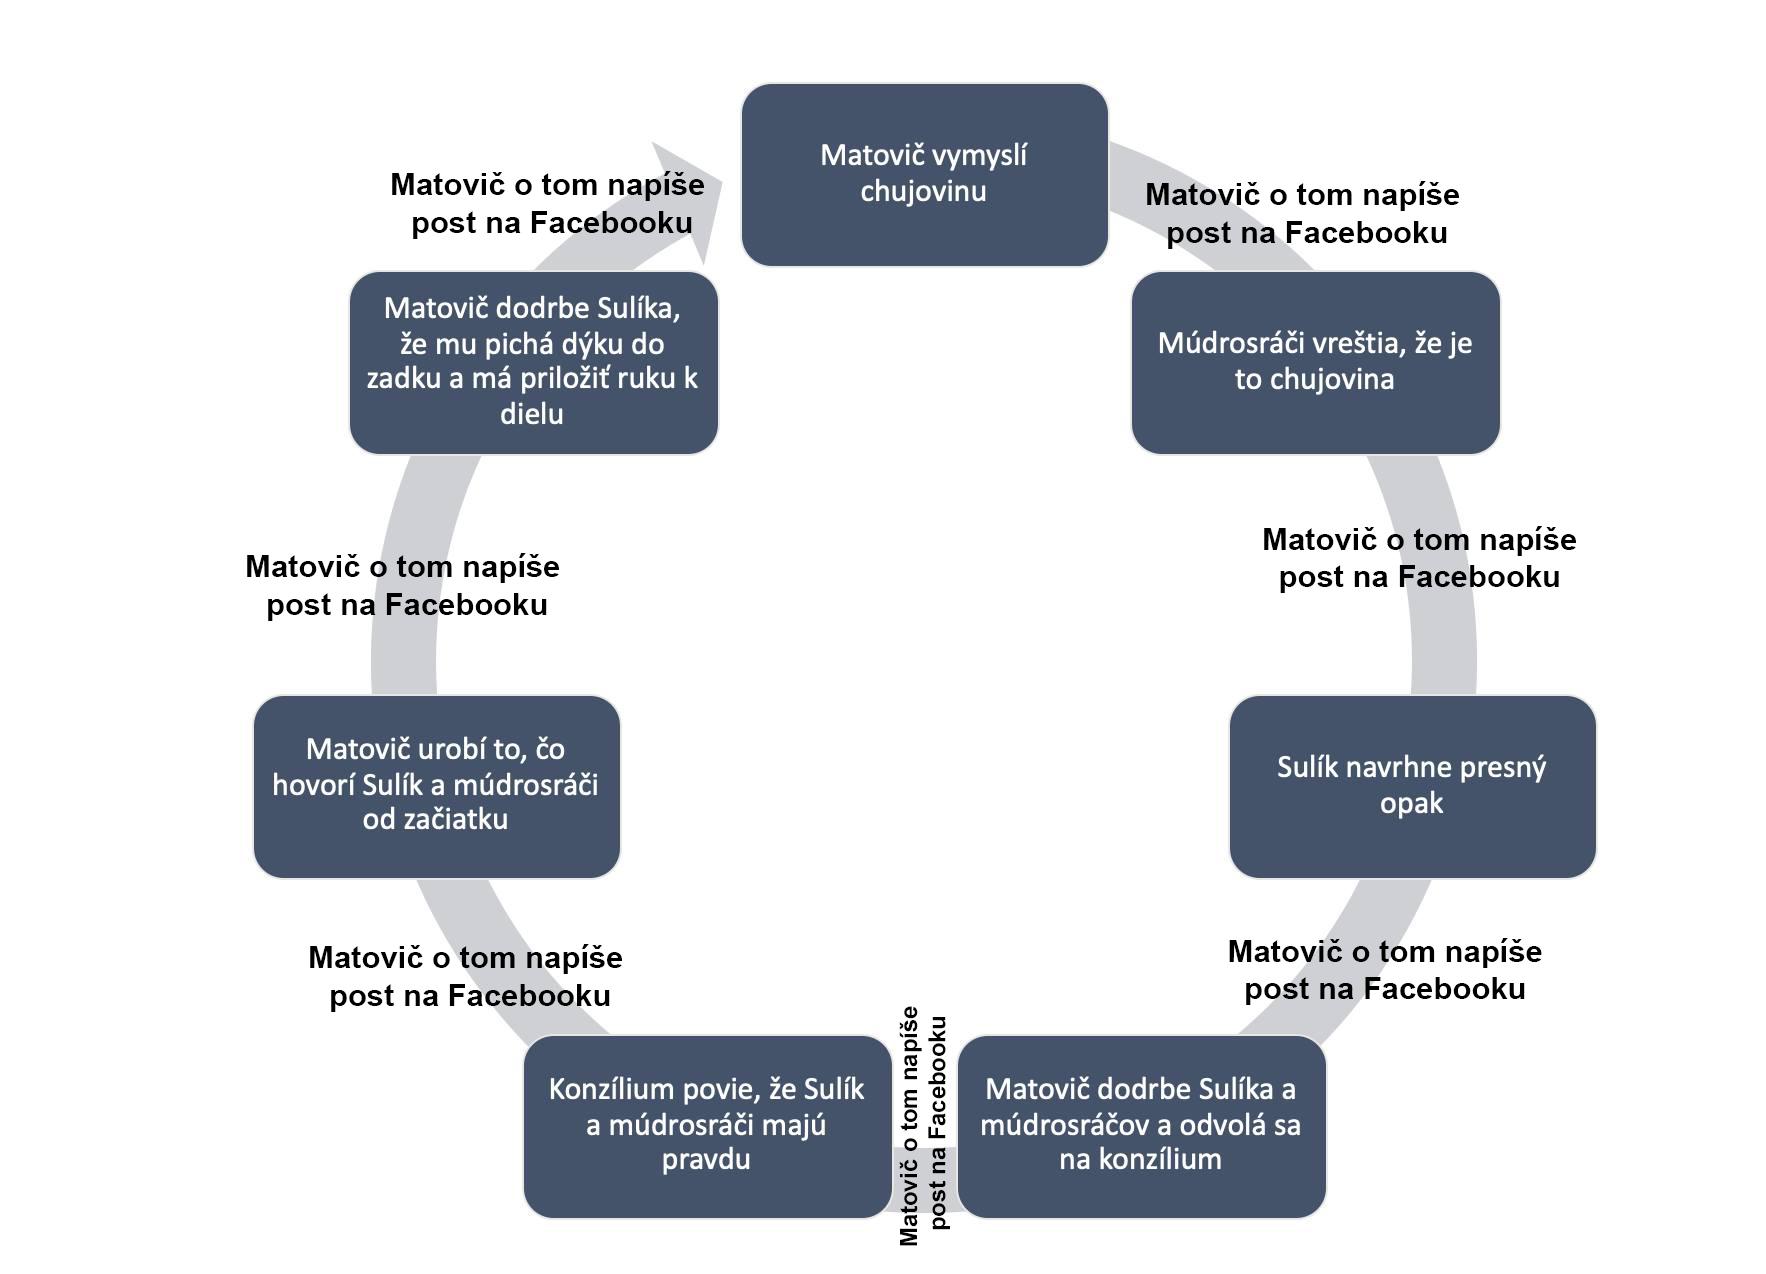 Metodické Vysvetlenie Rozhodovacieho Procesu